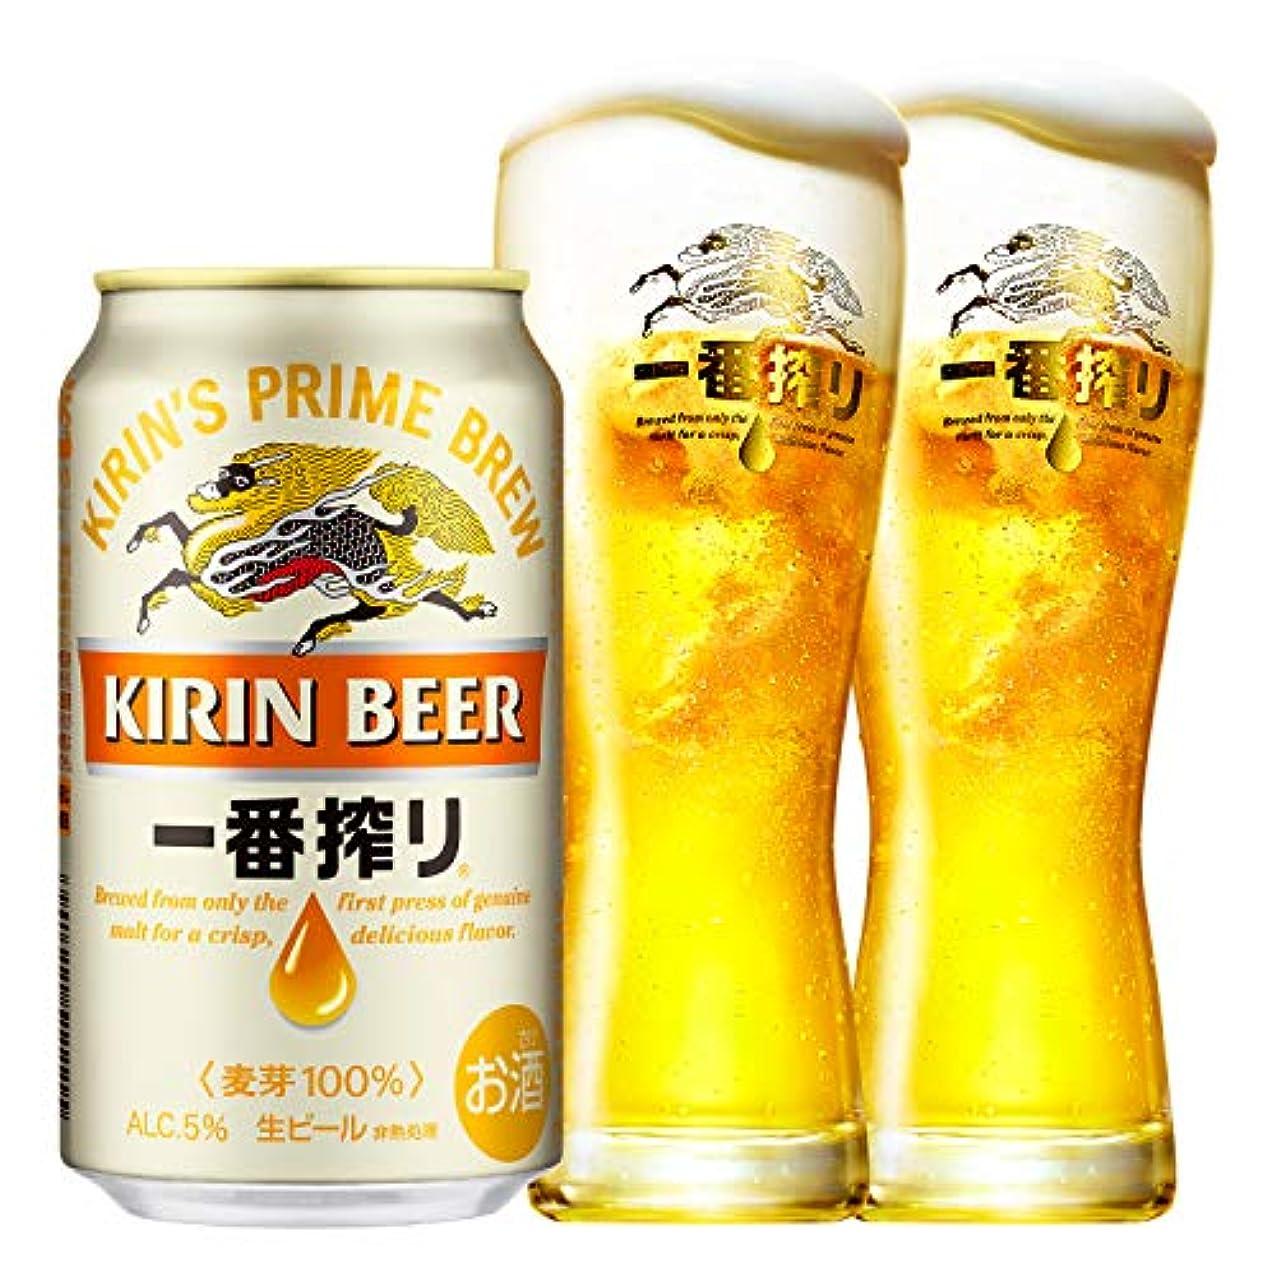 興奮する不利パシフィック【Amazon.co.jp限定】新・キリン一番搾り生ビール【特製グラス2個付き】 [ 350ml×24本 ]